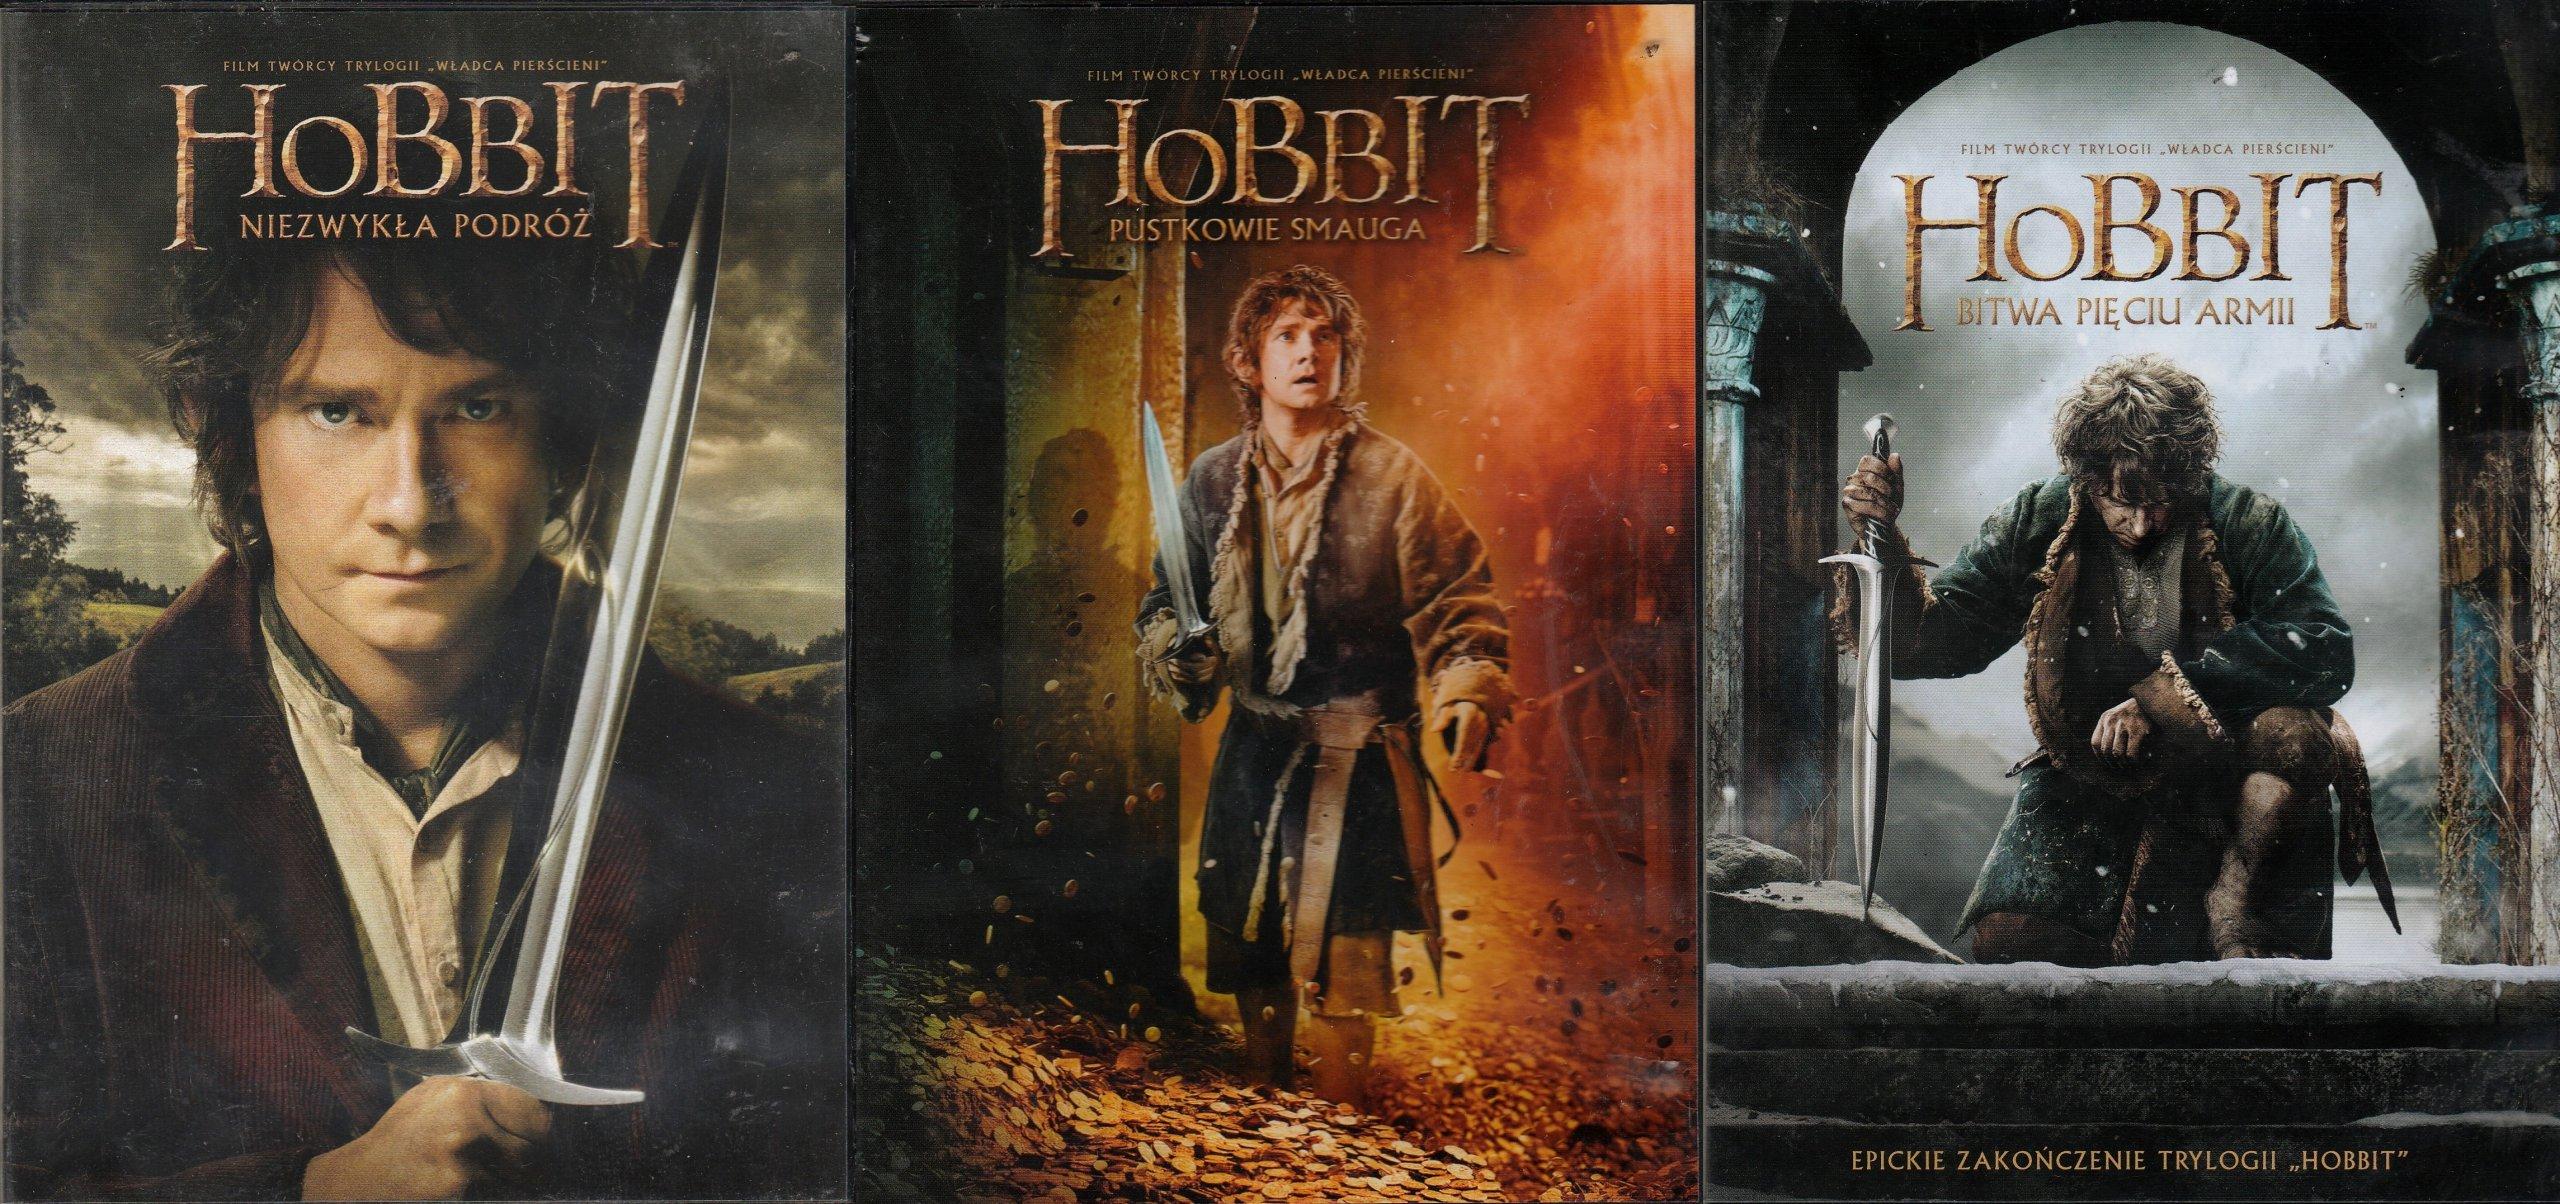 Hobbit 3 Dvd Erscheinungsdatum